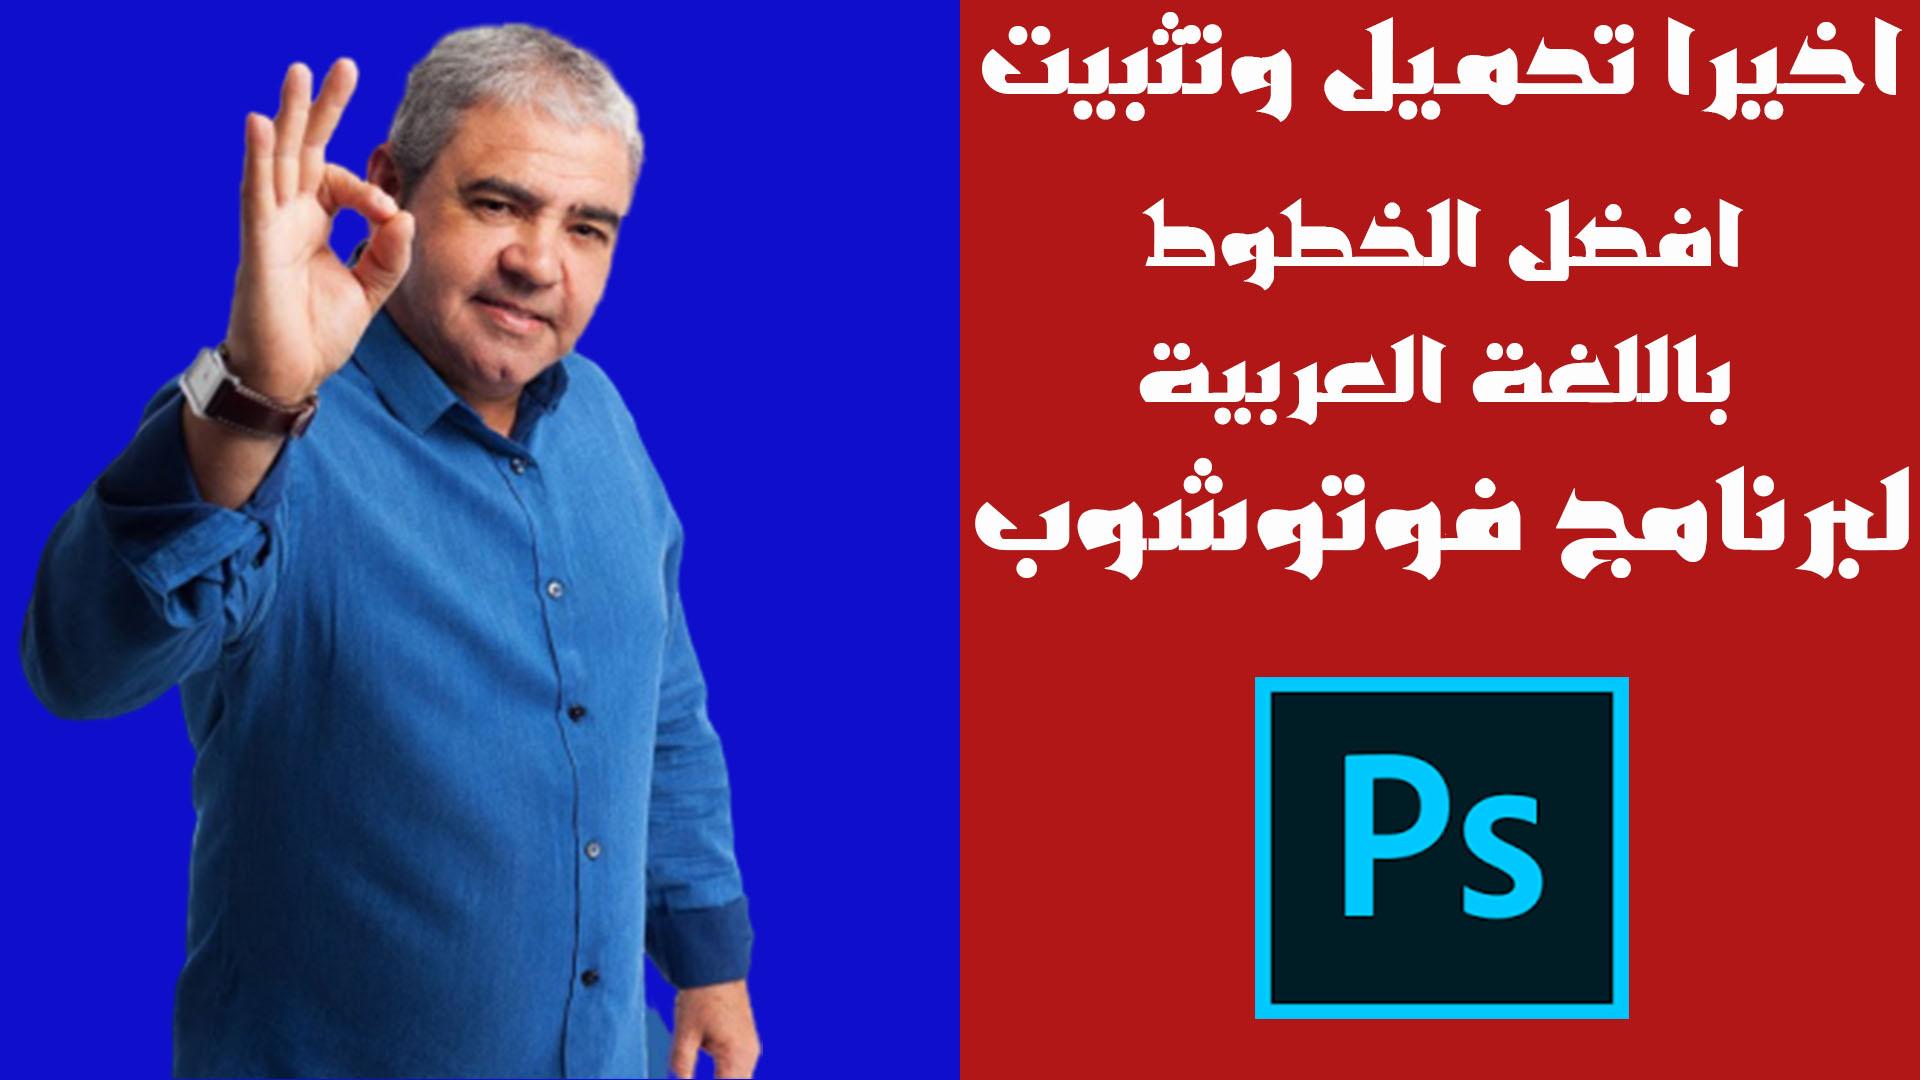 اخيرا تحميل وتثبيت افضل الخطوط باللغة العربية لبرنامج الفوتوشوب